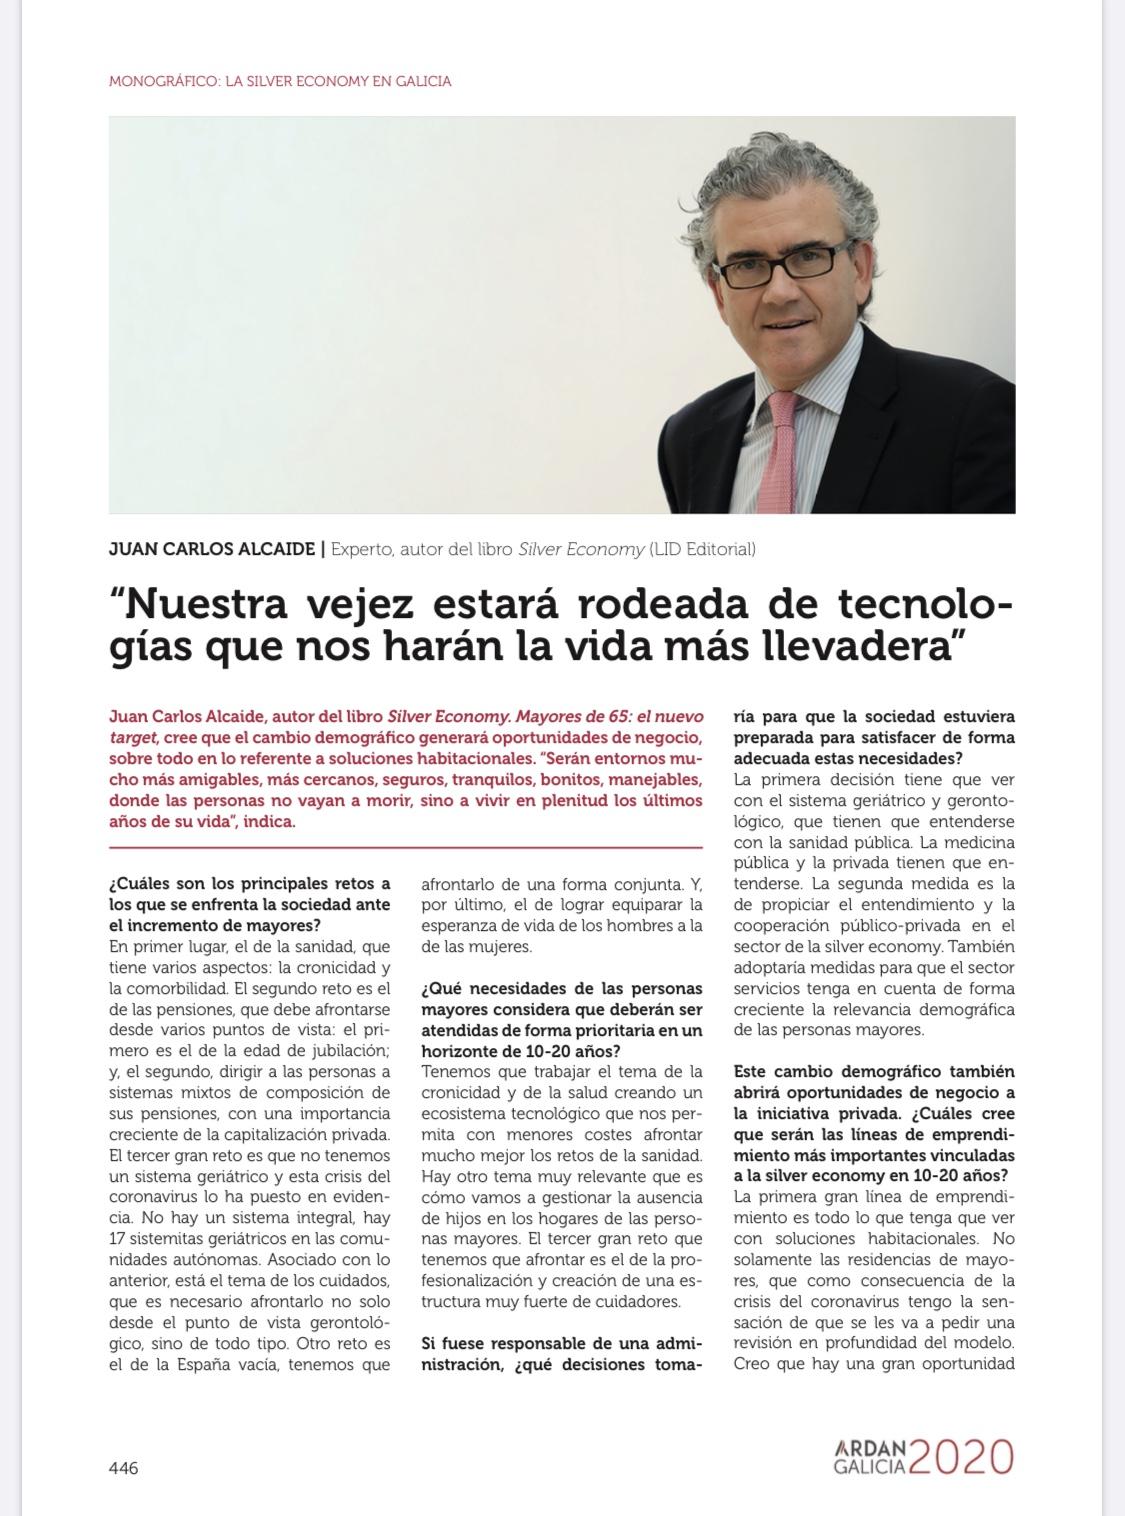 Entrevista JCA Monográfico Silver Economy Galicia